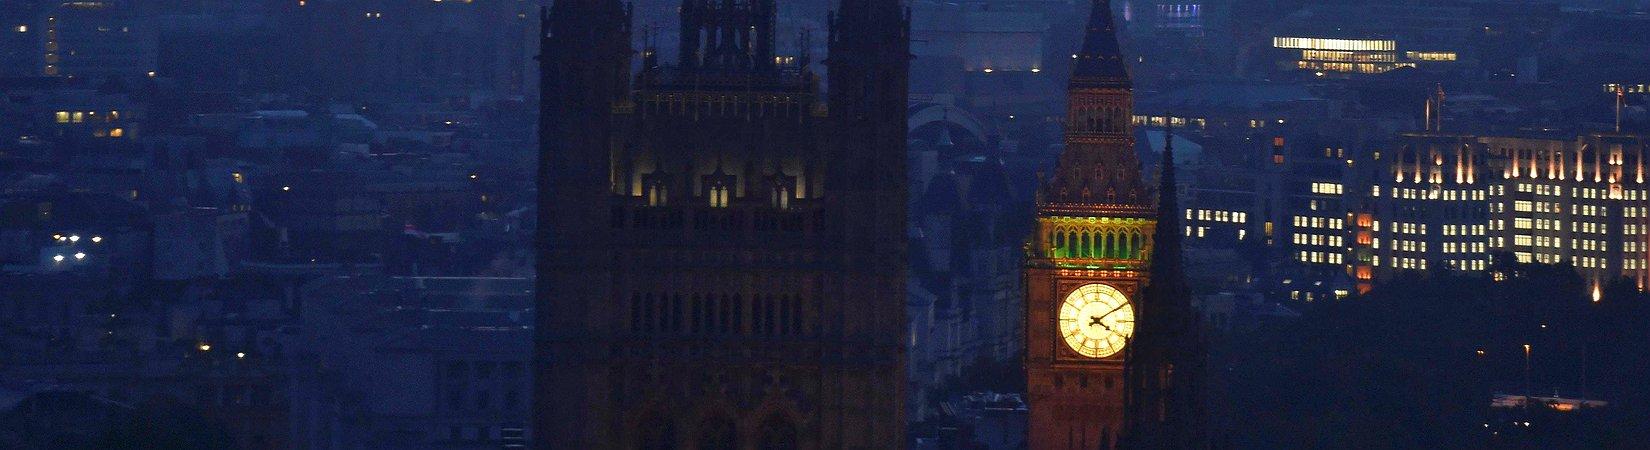 Crónicas del Brexit: los banqueros se preparan para salir de Londres